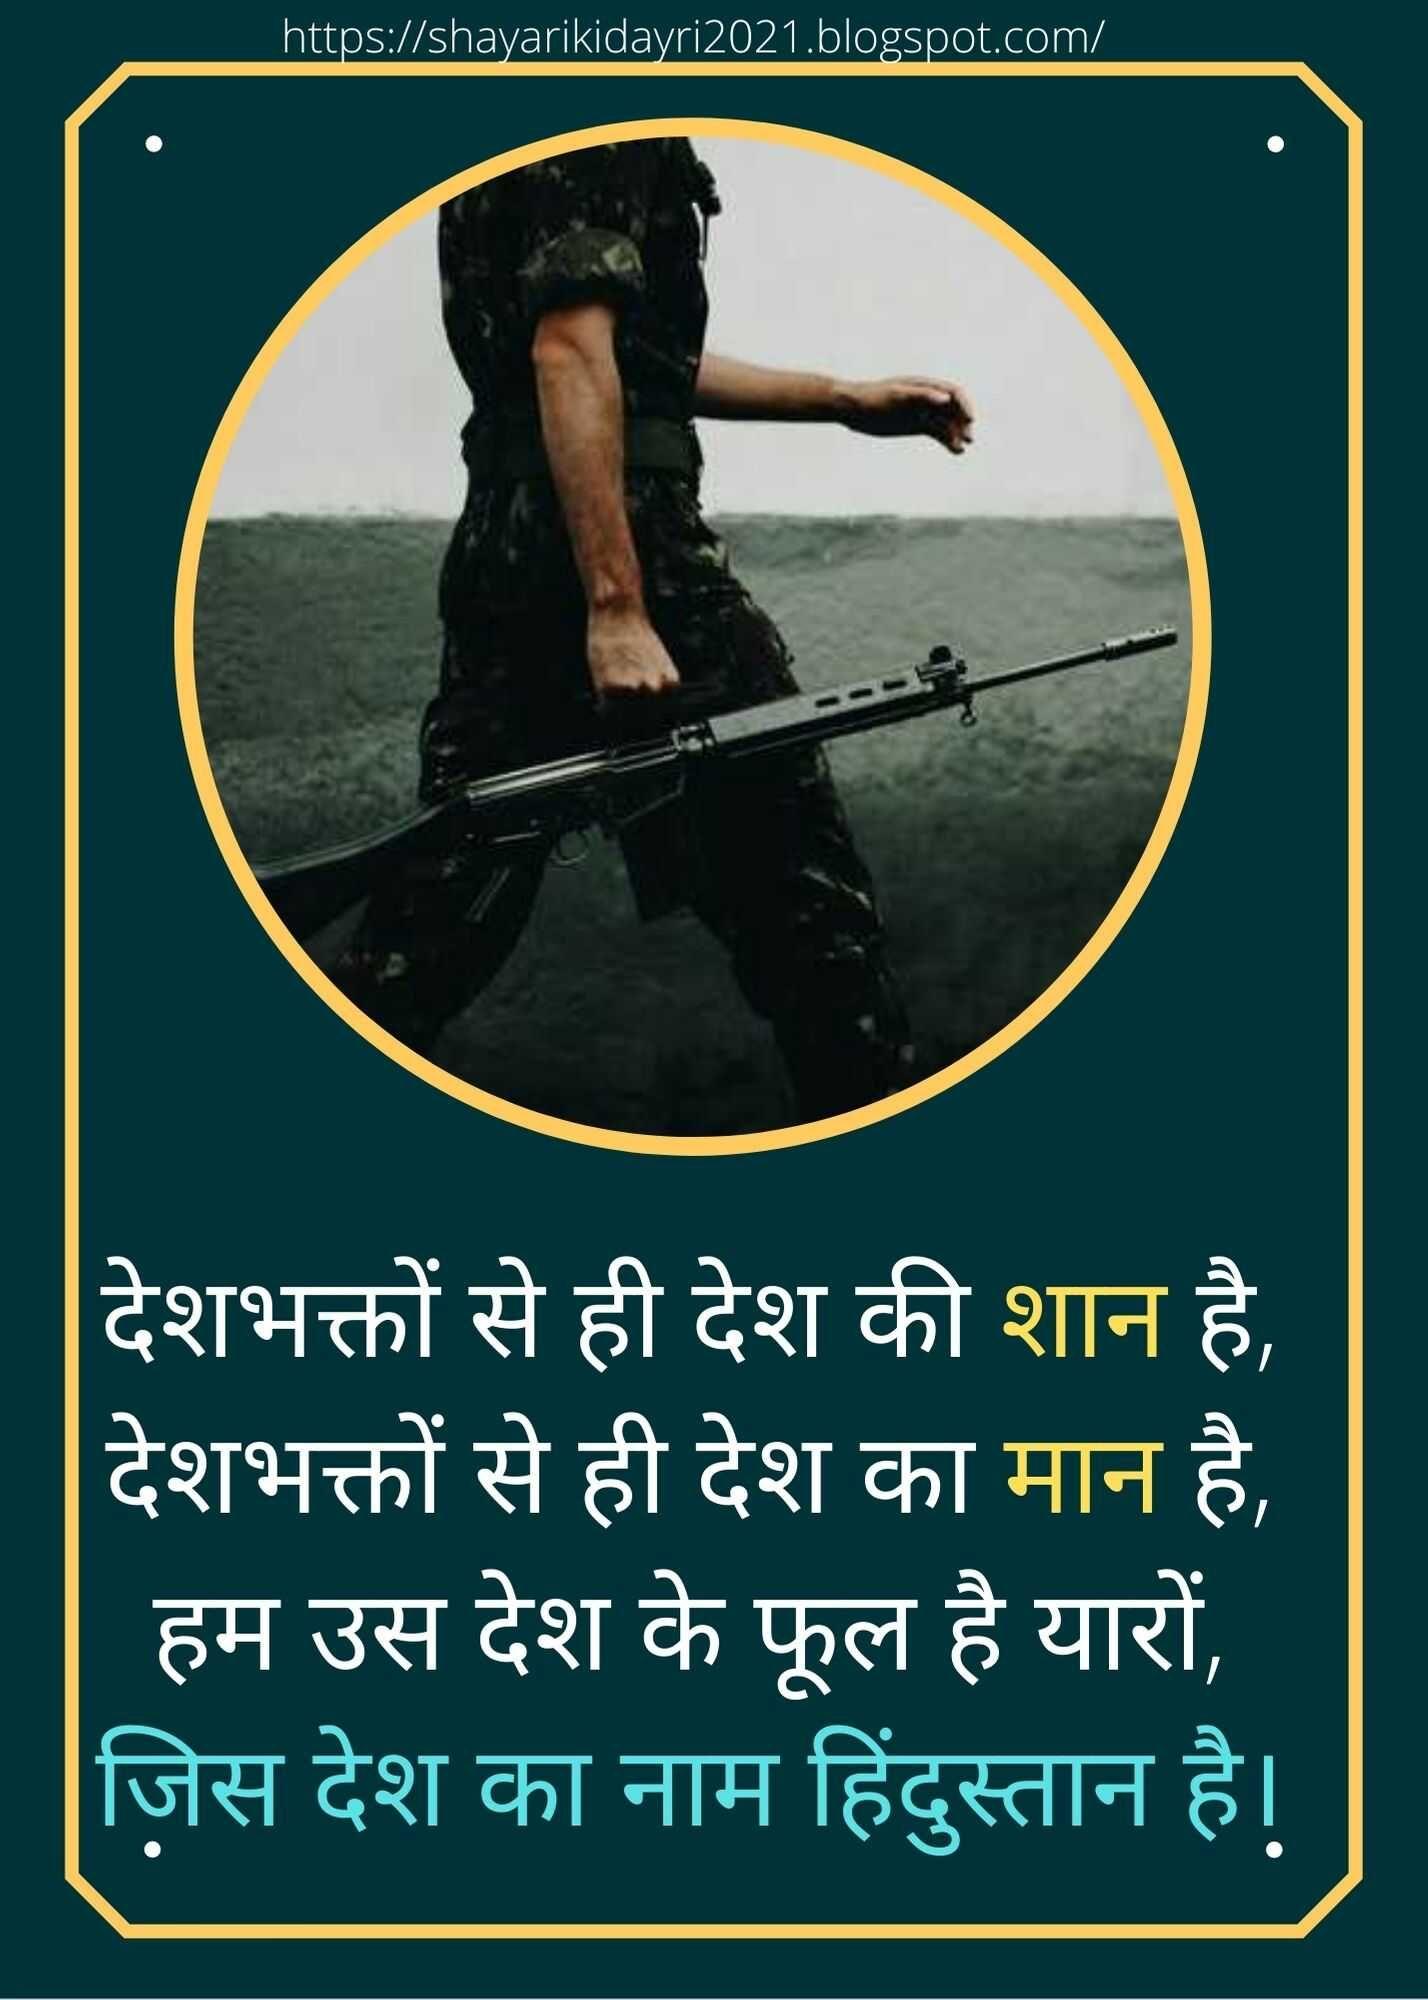 Omg The Best Republic Day Shayari In Hindi 2021 Ever In 2021 Republic Day Shayari In Hindi Republic